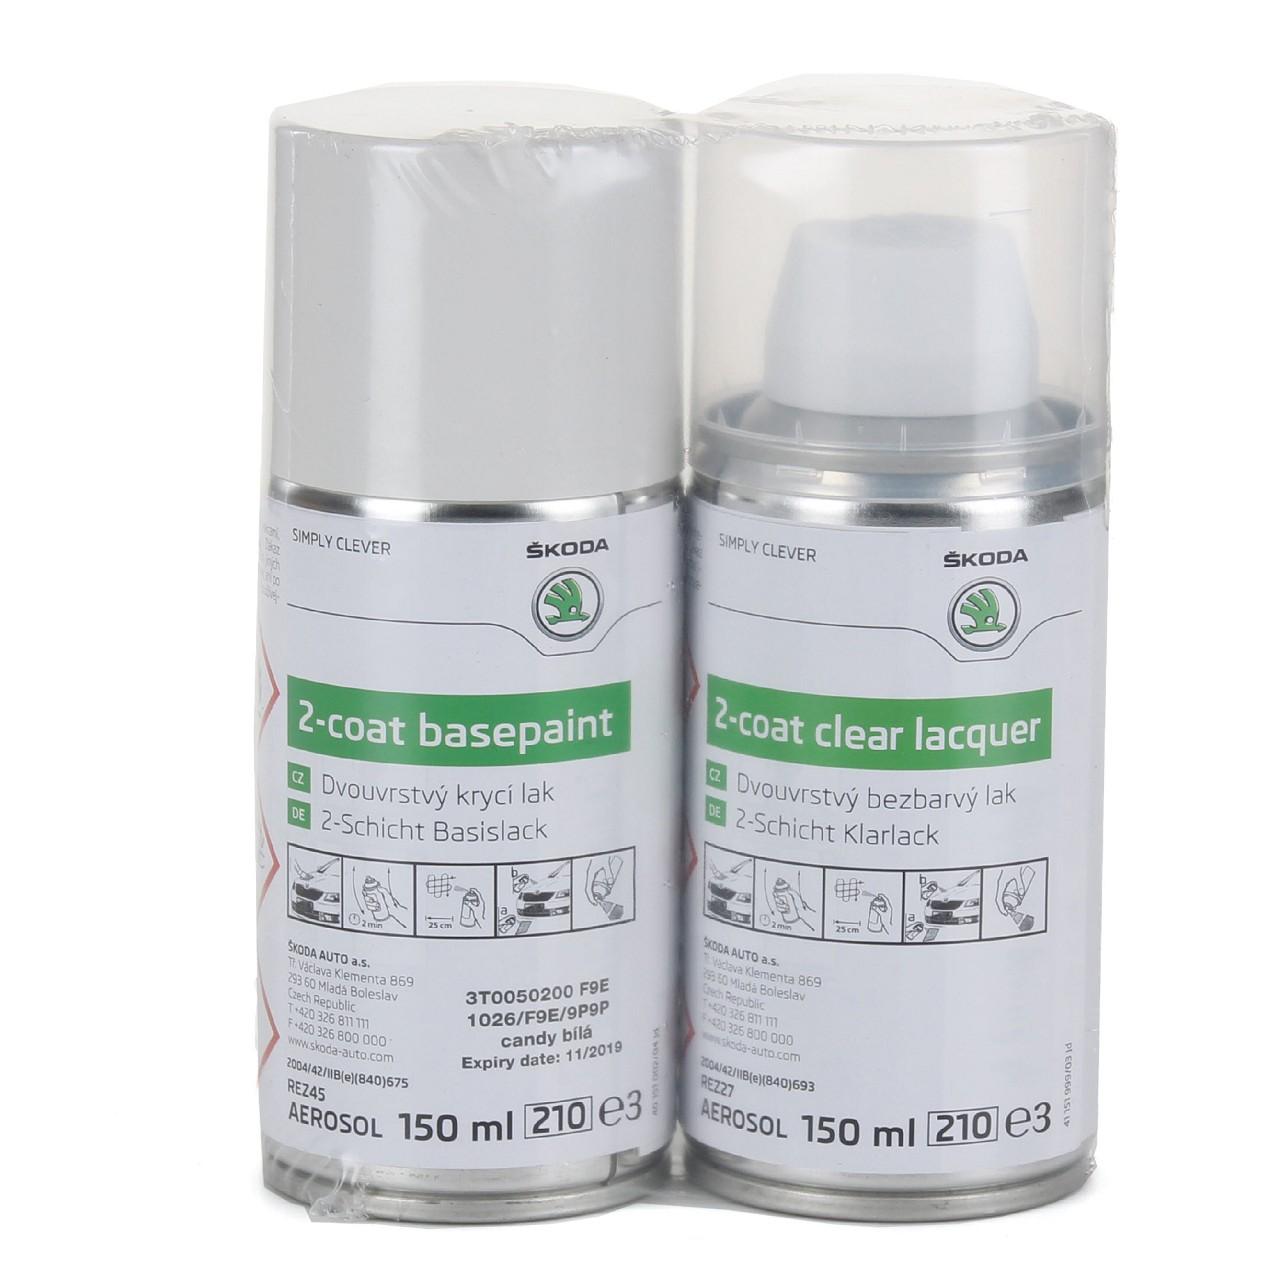 ORIGINAL SKODA Lackspray-Set Candy-Weiß 3T0050200F9E 9P9P